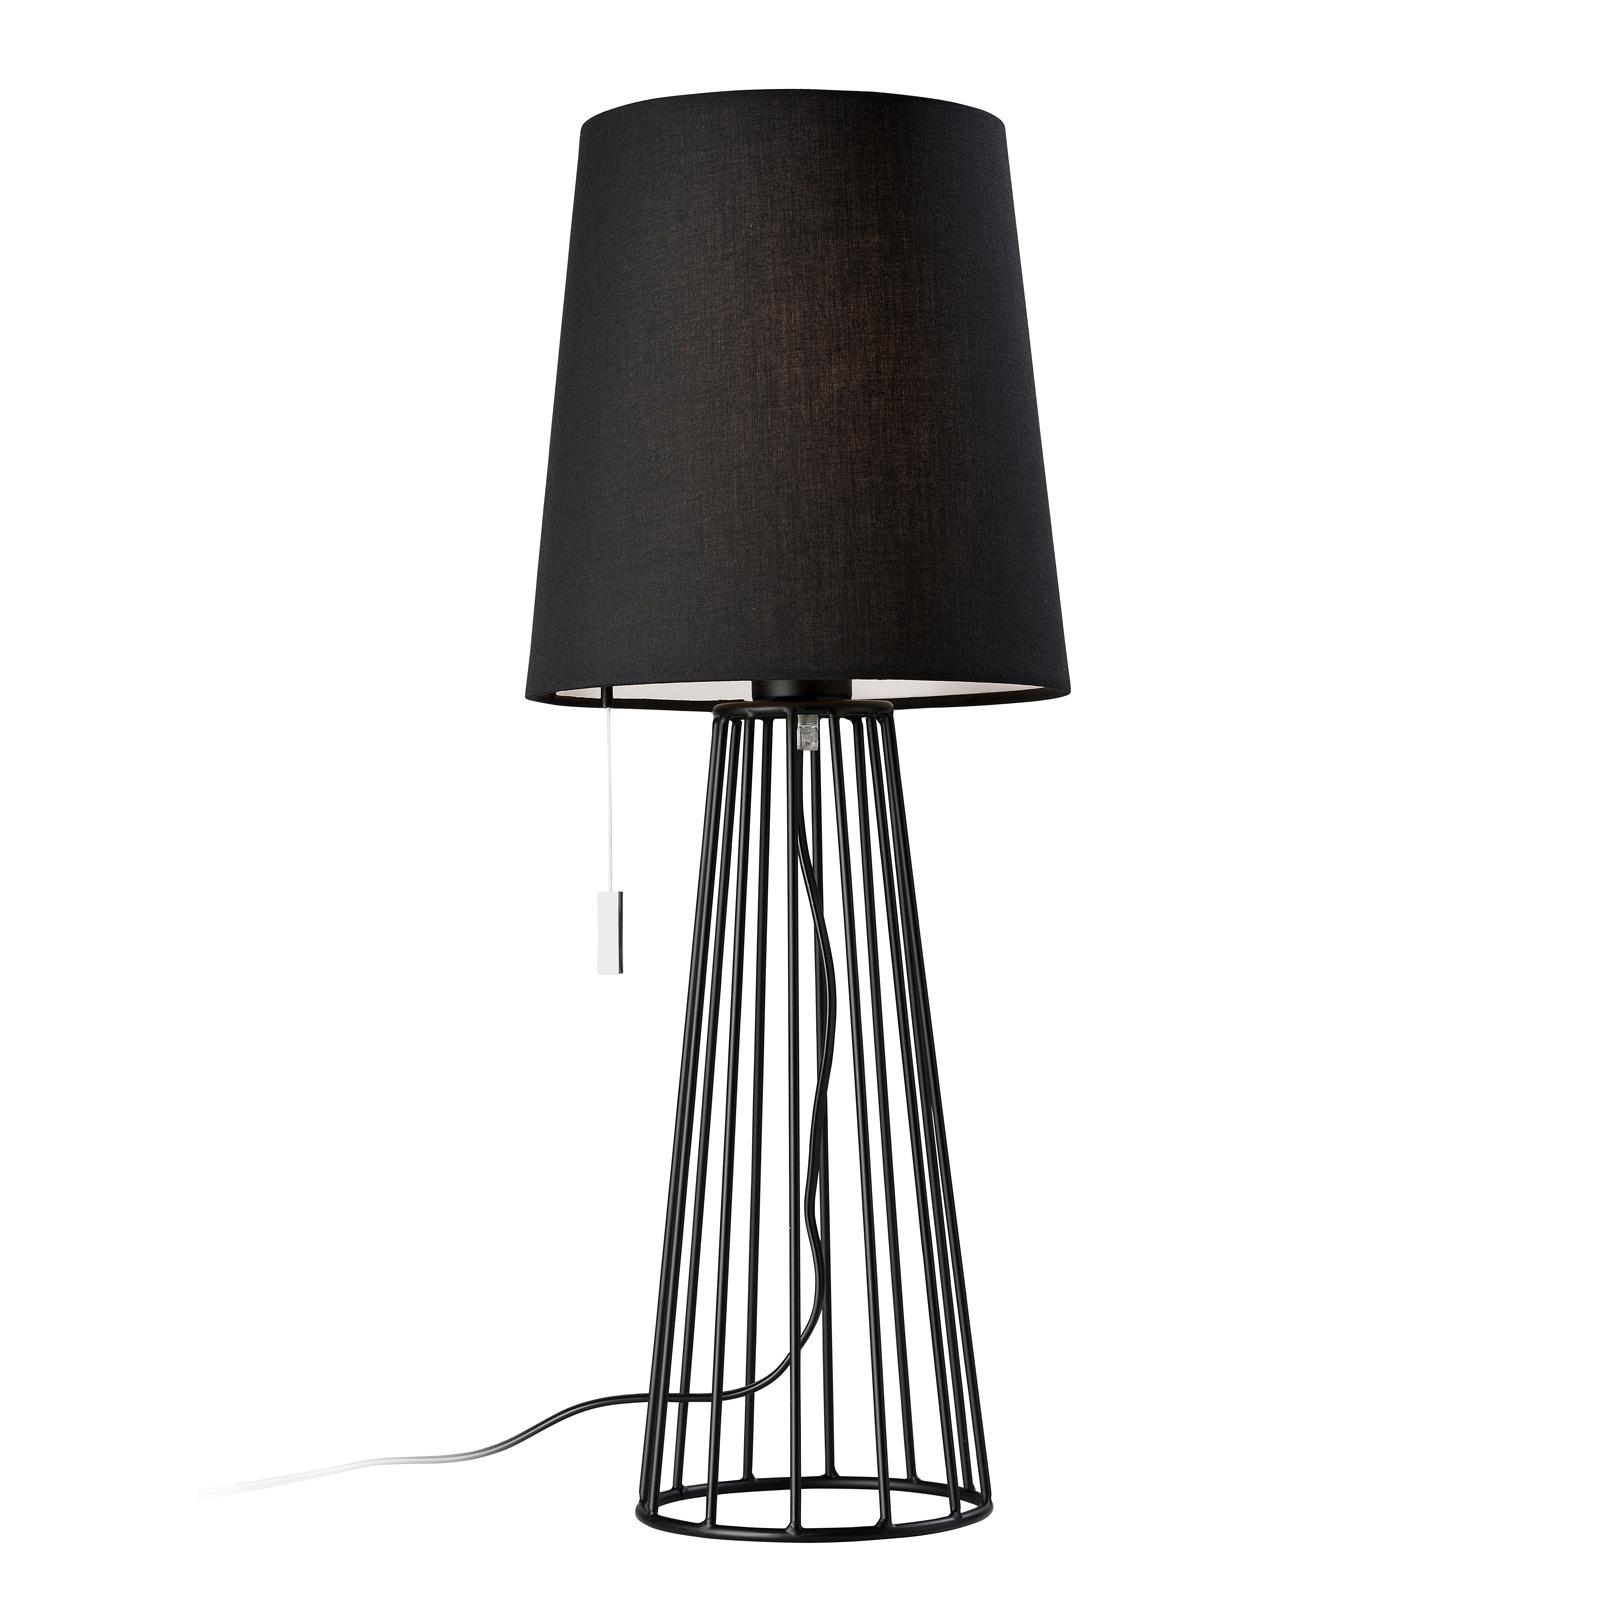 Villeroy & Boch Milaan tafellamp in zwart